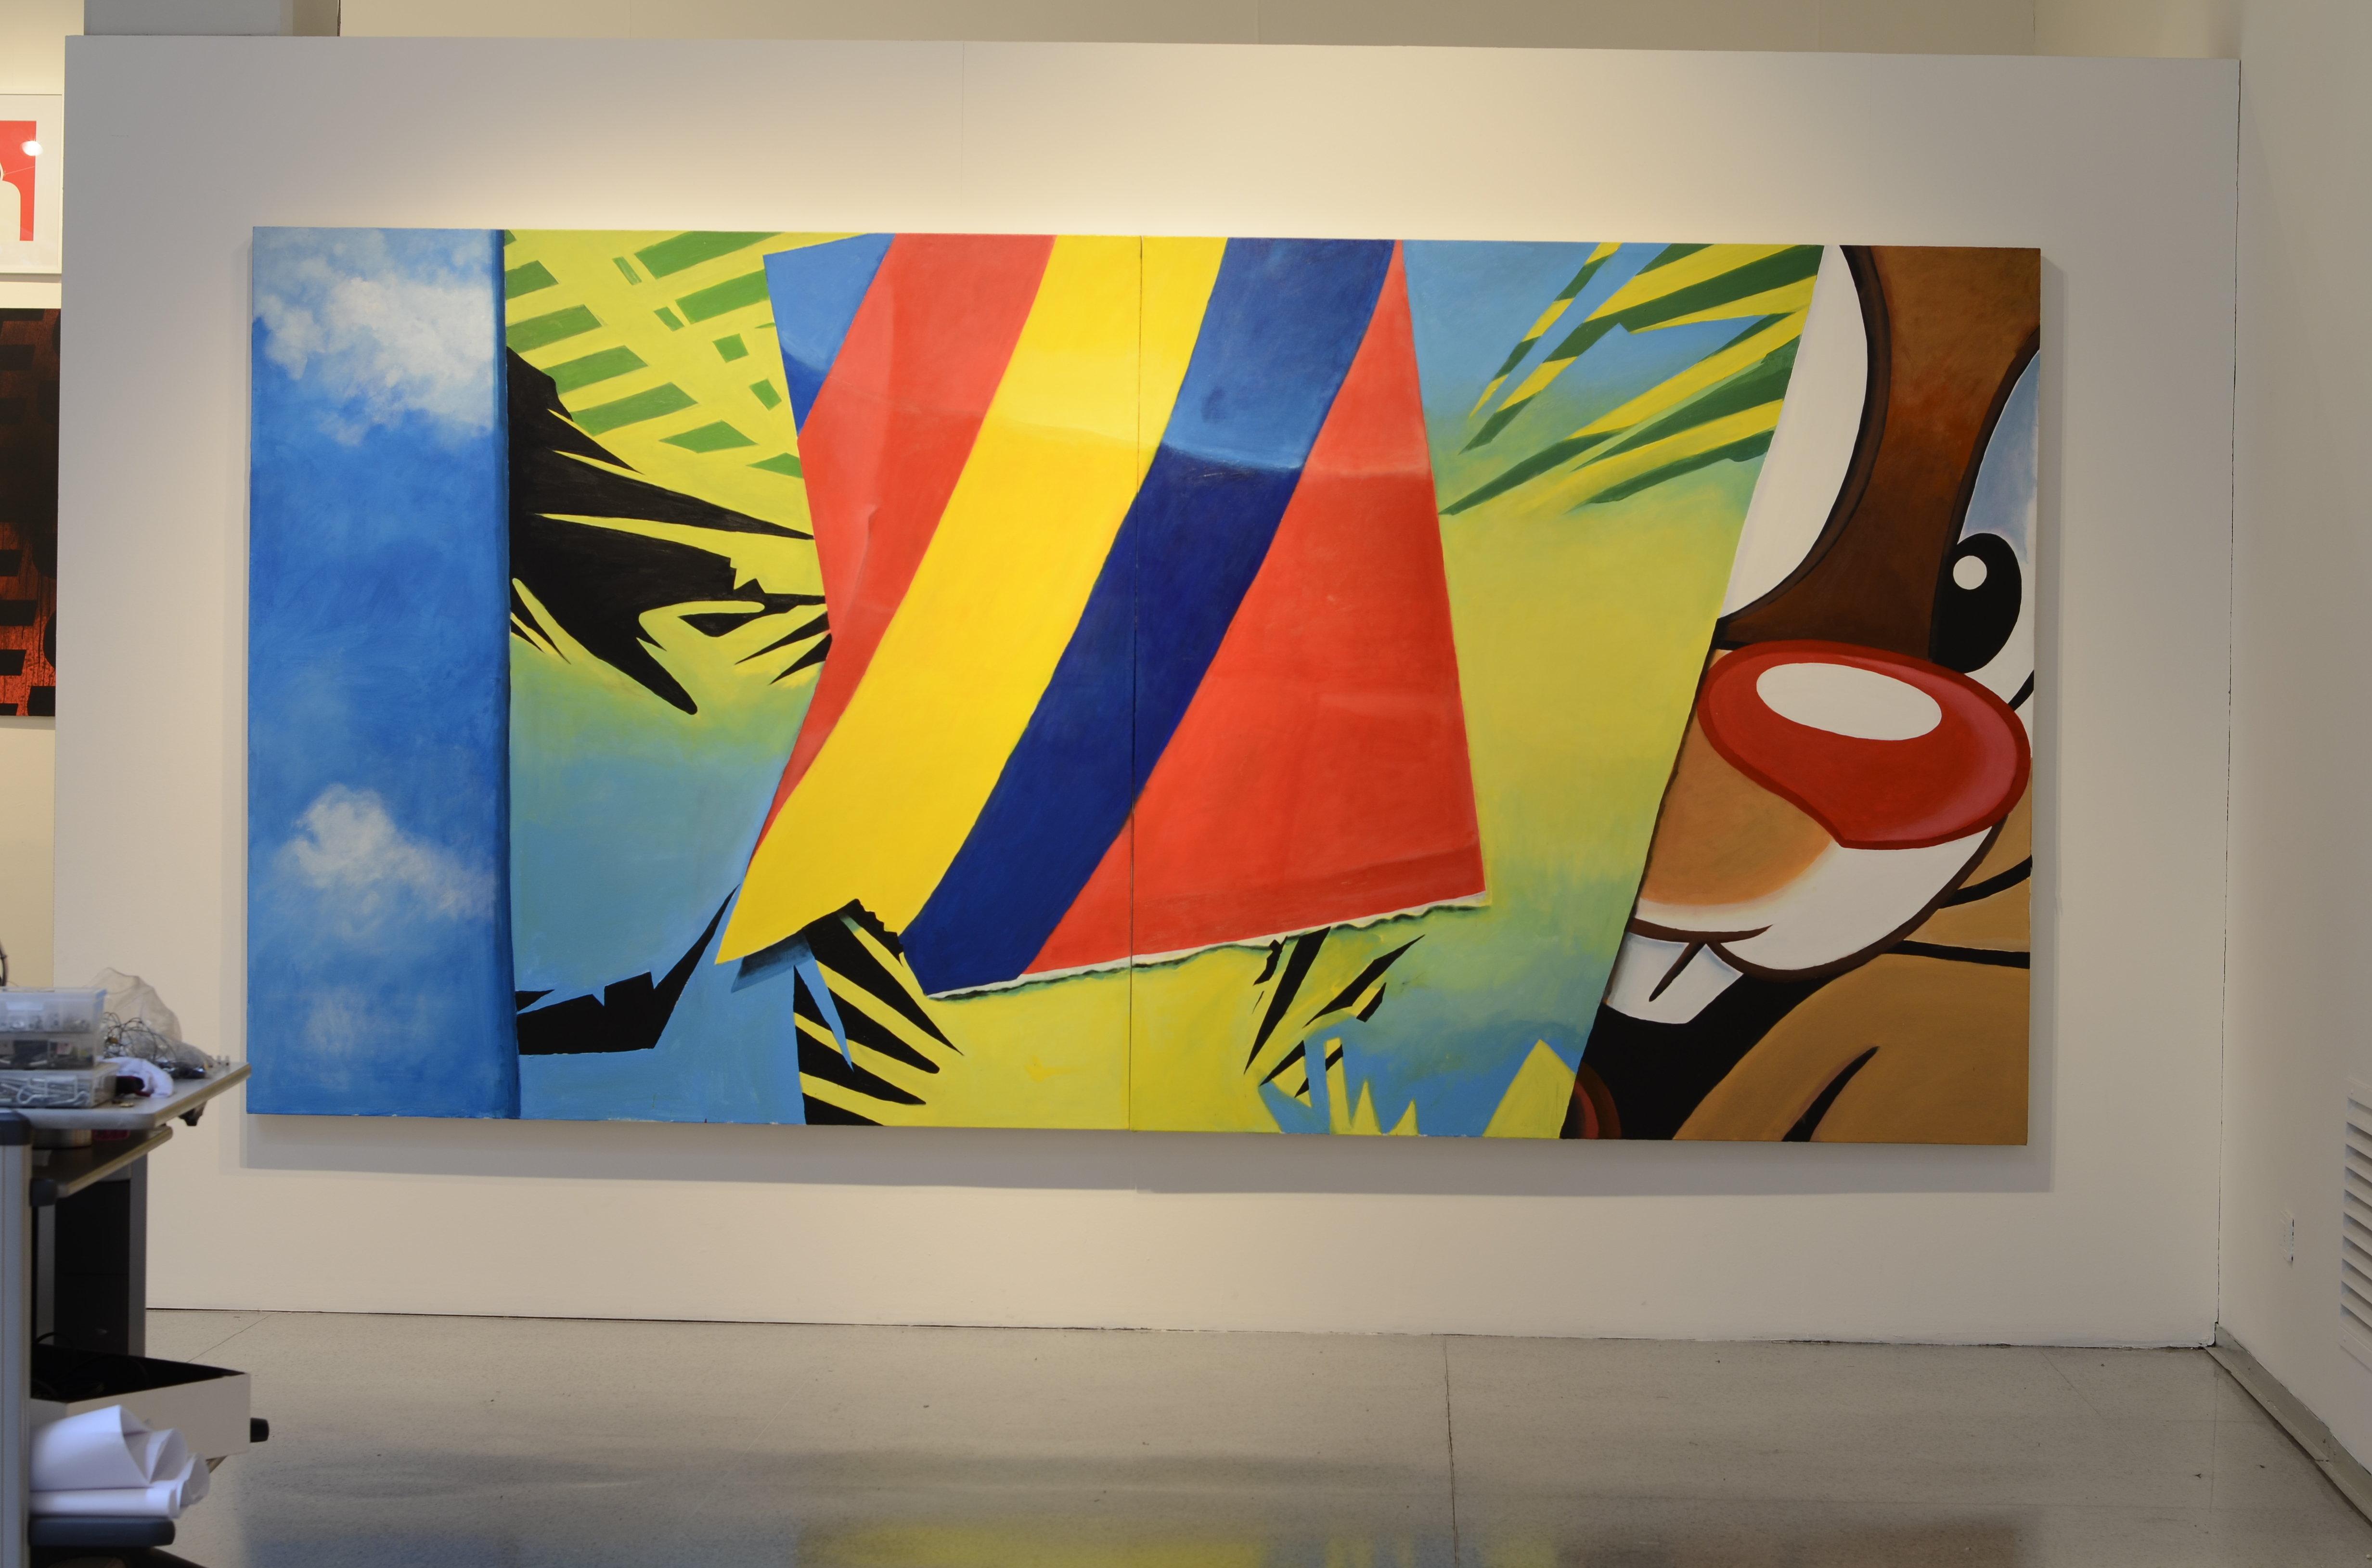 Obras expuestas en el Centro Cultural de España en Montevideo en ocasión de Bienalsur